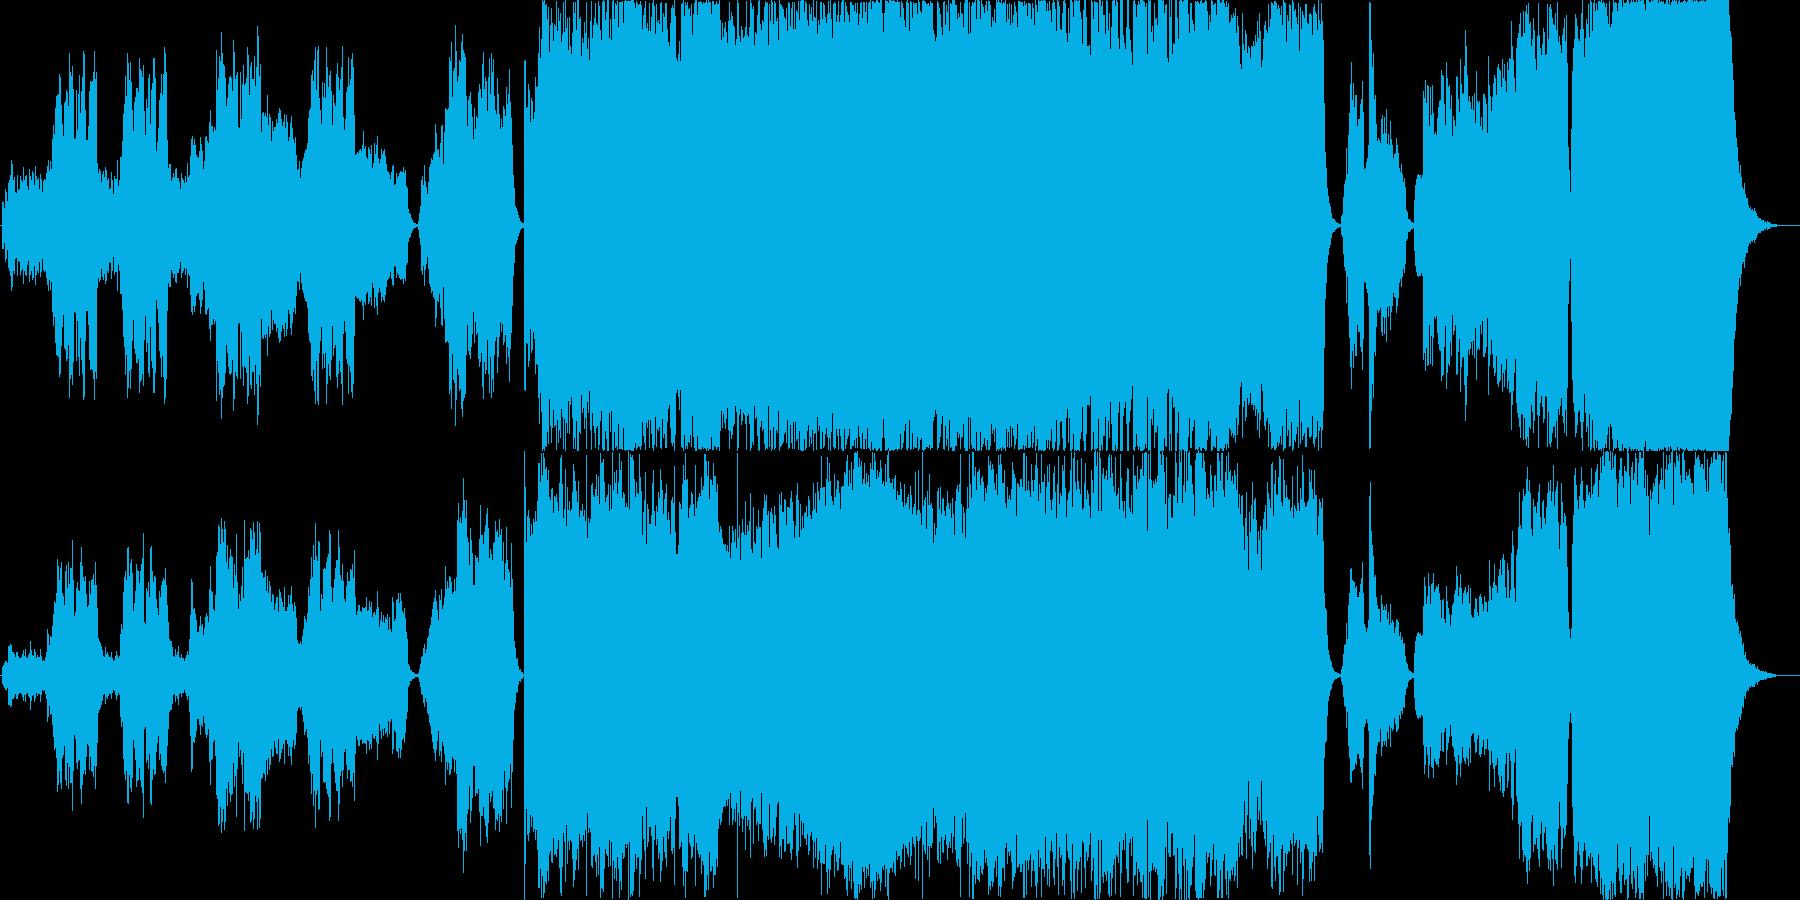 大河ドラマみたいなストーリー性のある楽曲の再生済みの波形